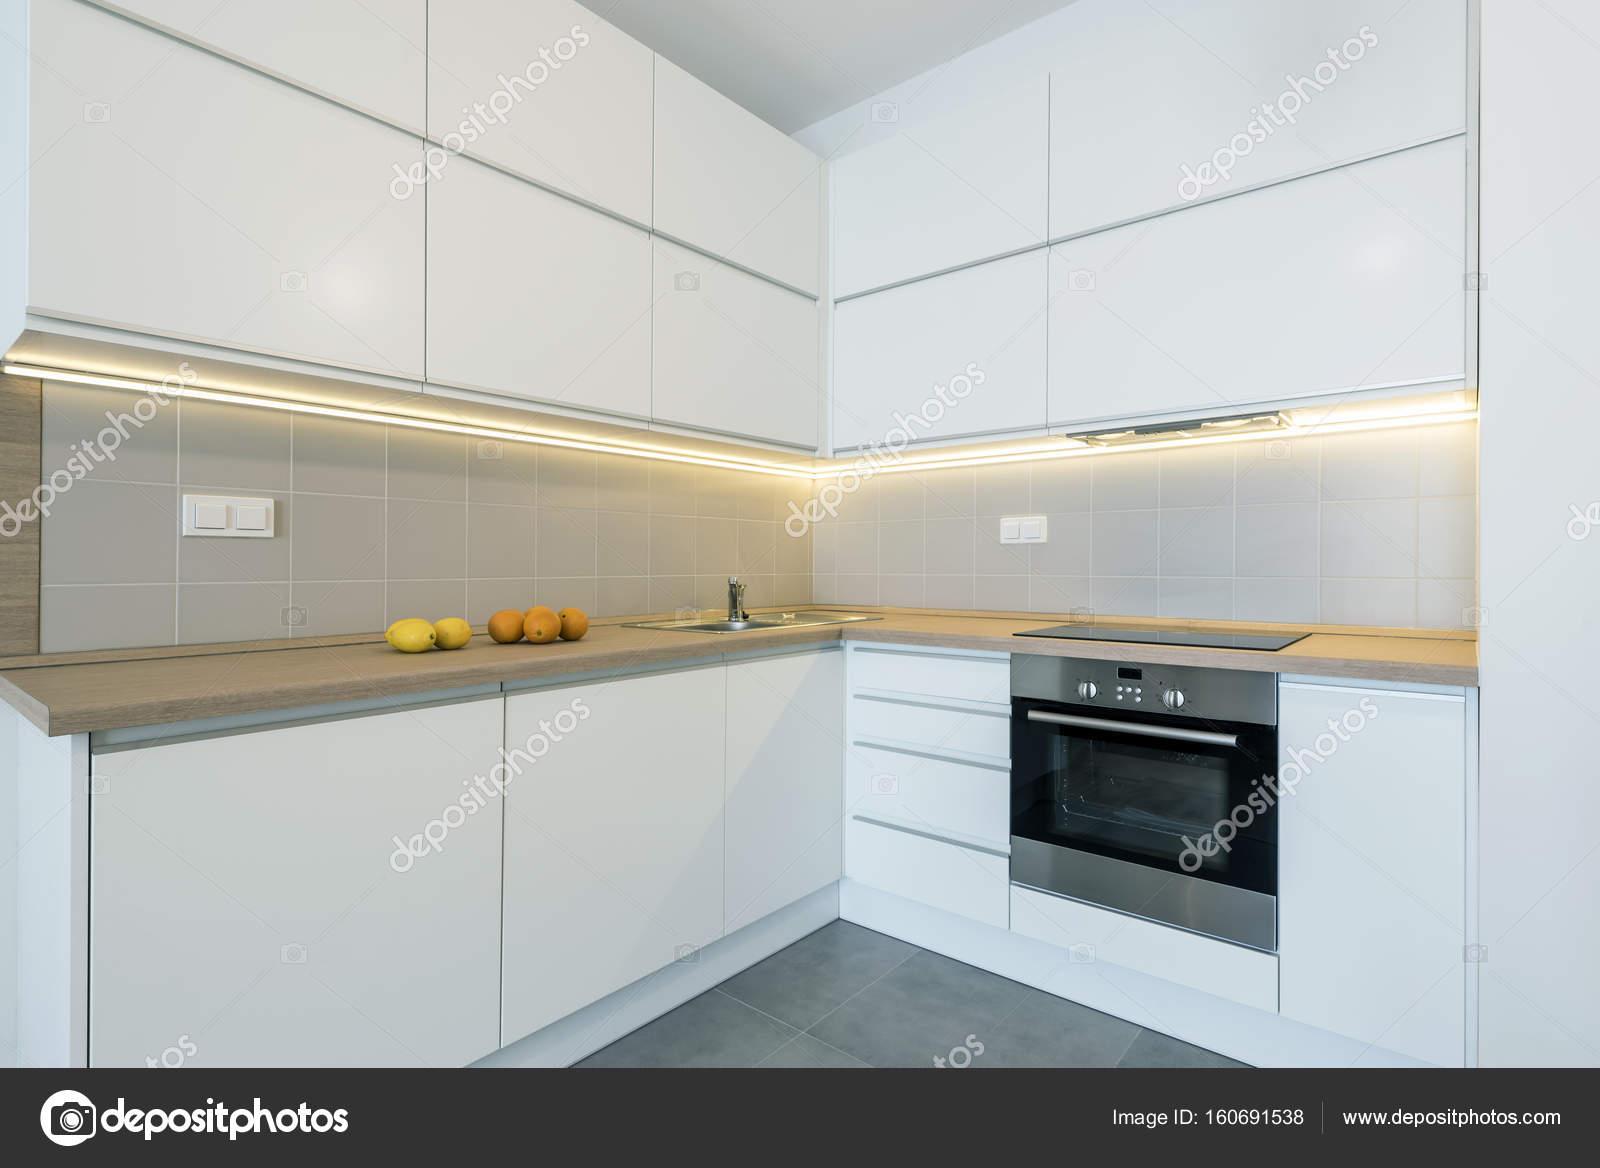 moderne Küche Innenarchitektur in weißer Farbe — Stockfoto ...